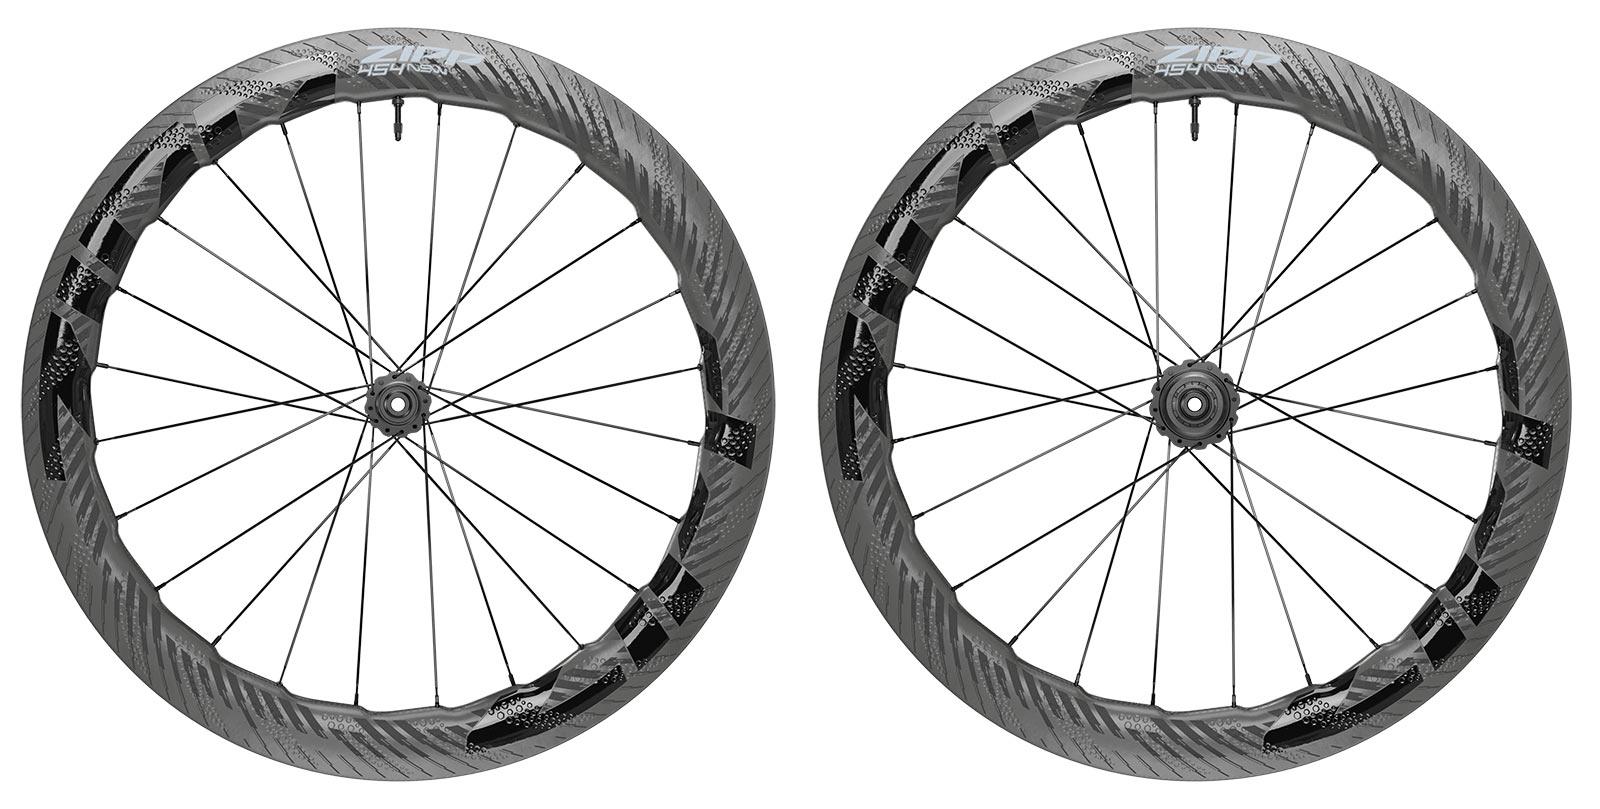 2022 zipp 454 NSW tubeless disc brake road bike wheels